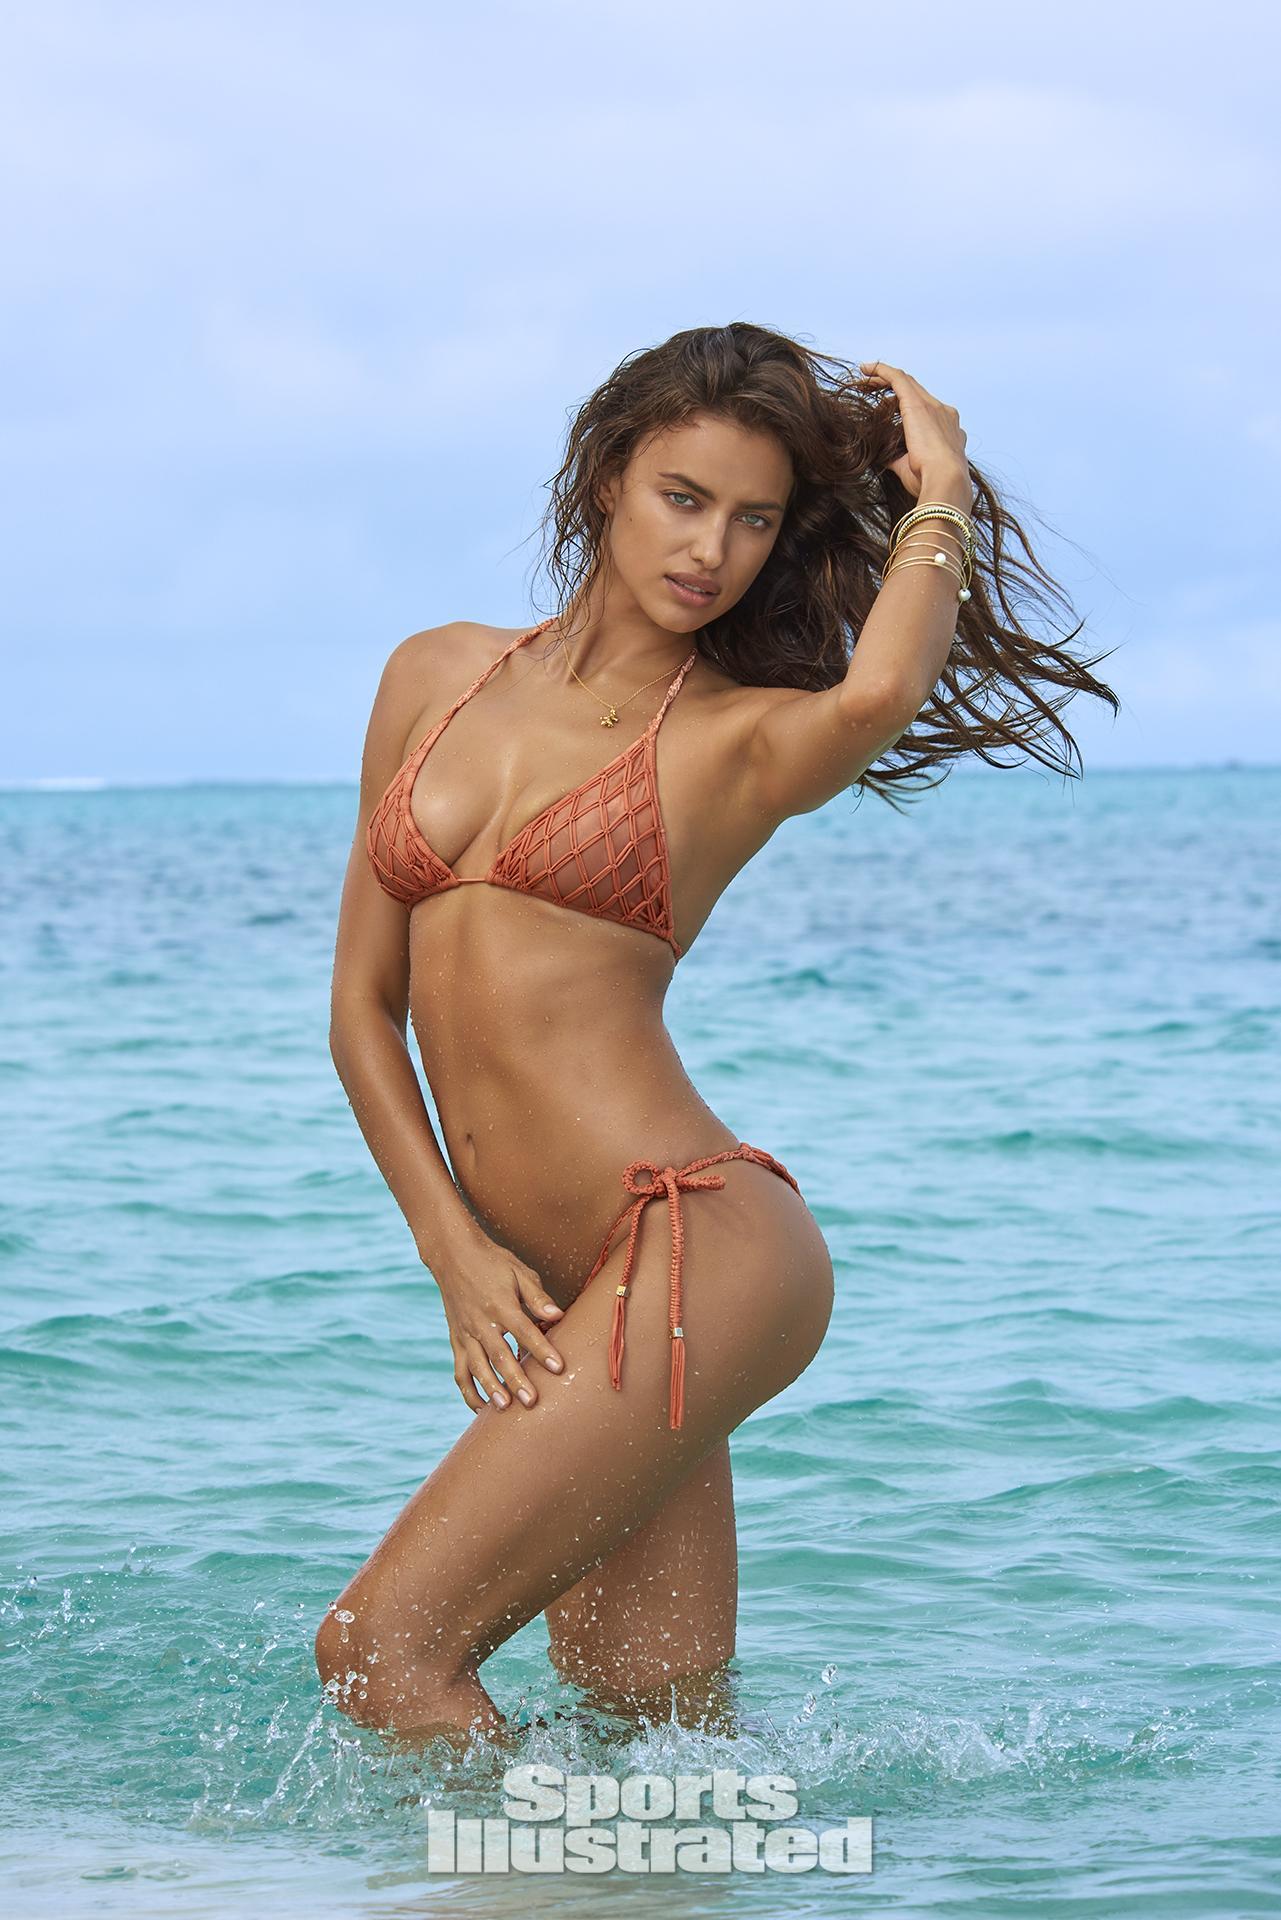 nudes Irina Shayk (17 photo) Pussy, YouTube, underwear